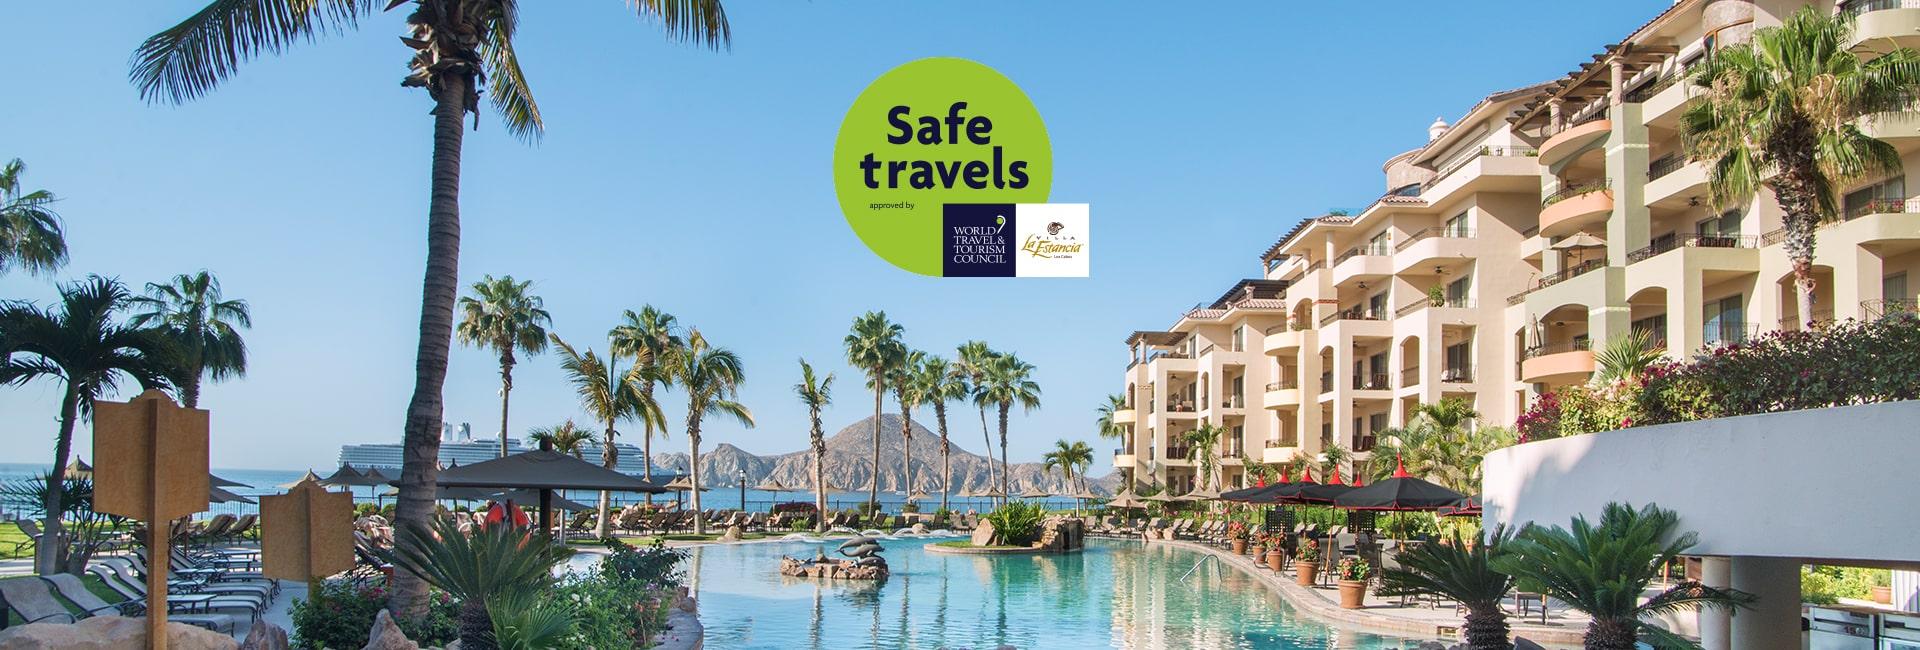 Villa la estancia los cabos earn wttc safe travels stamp